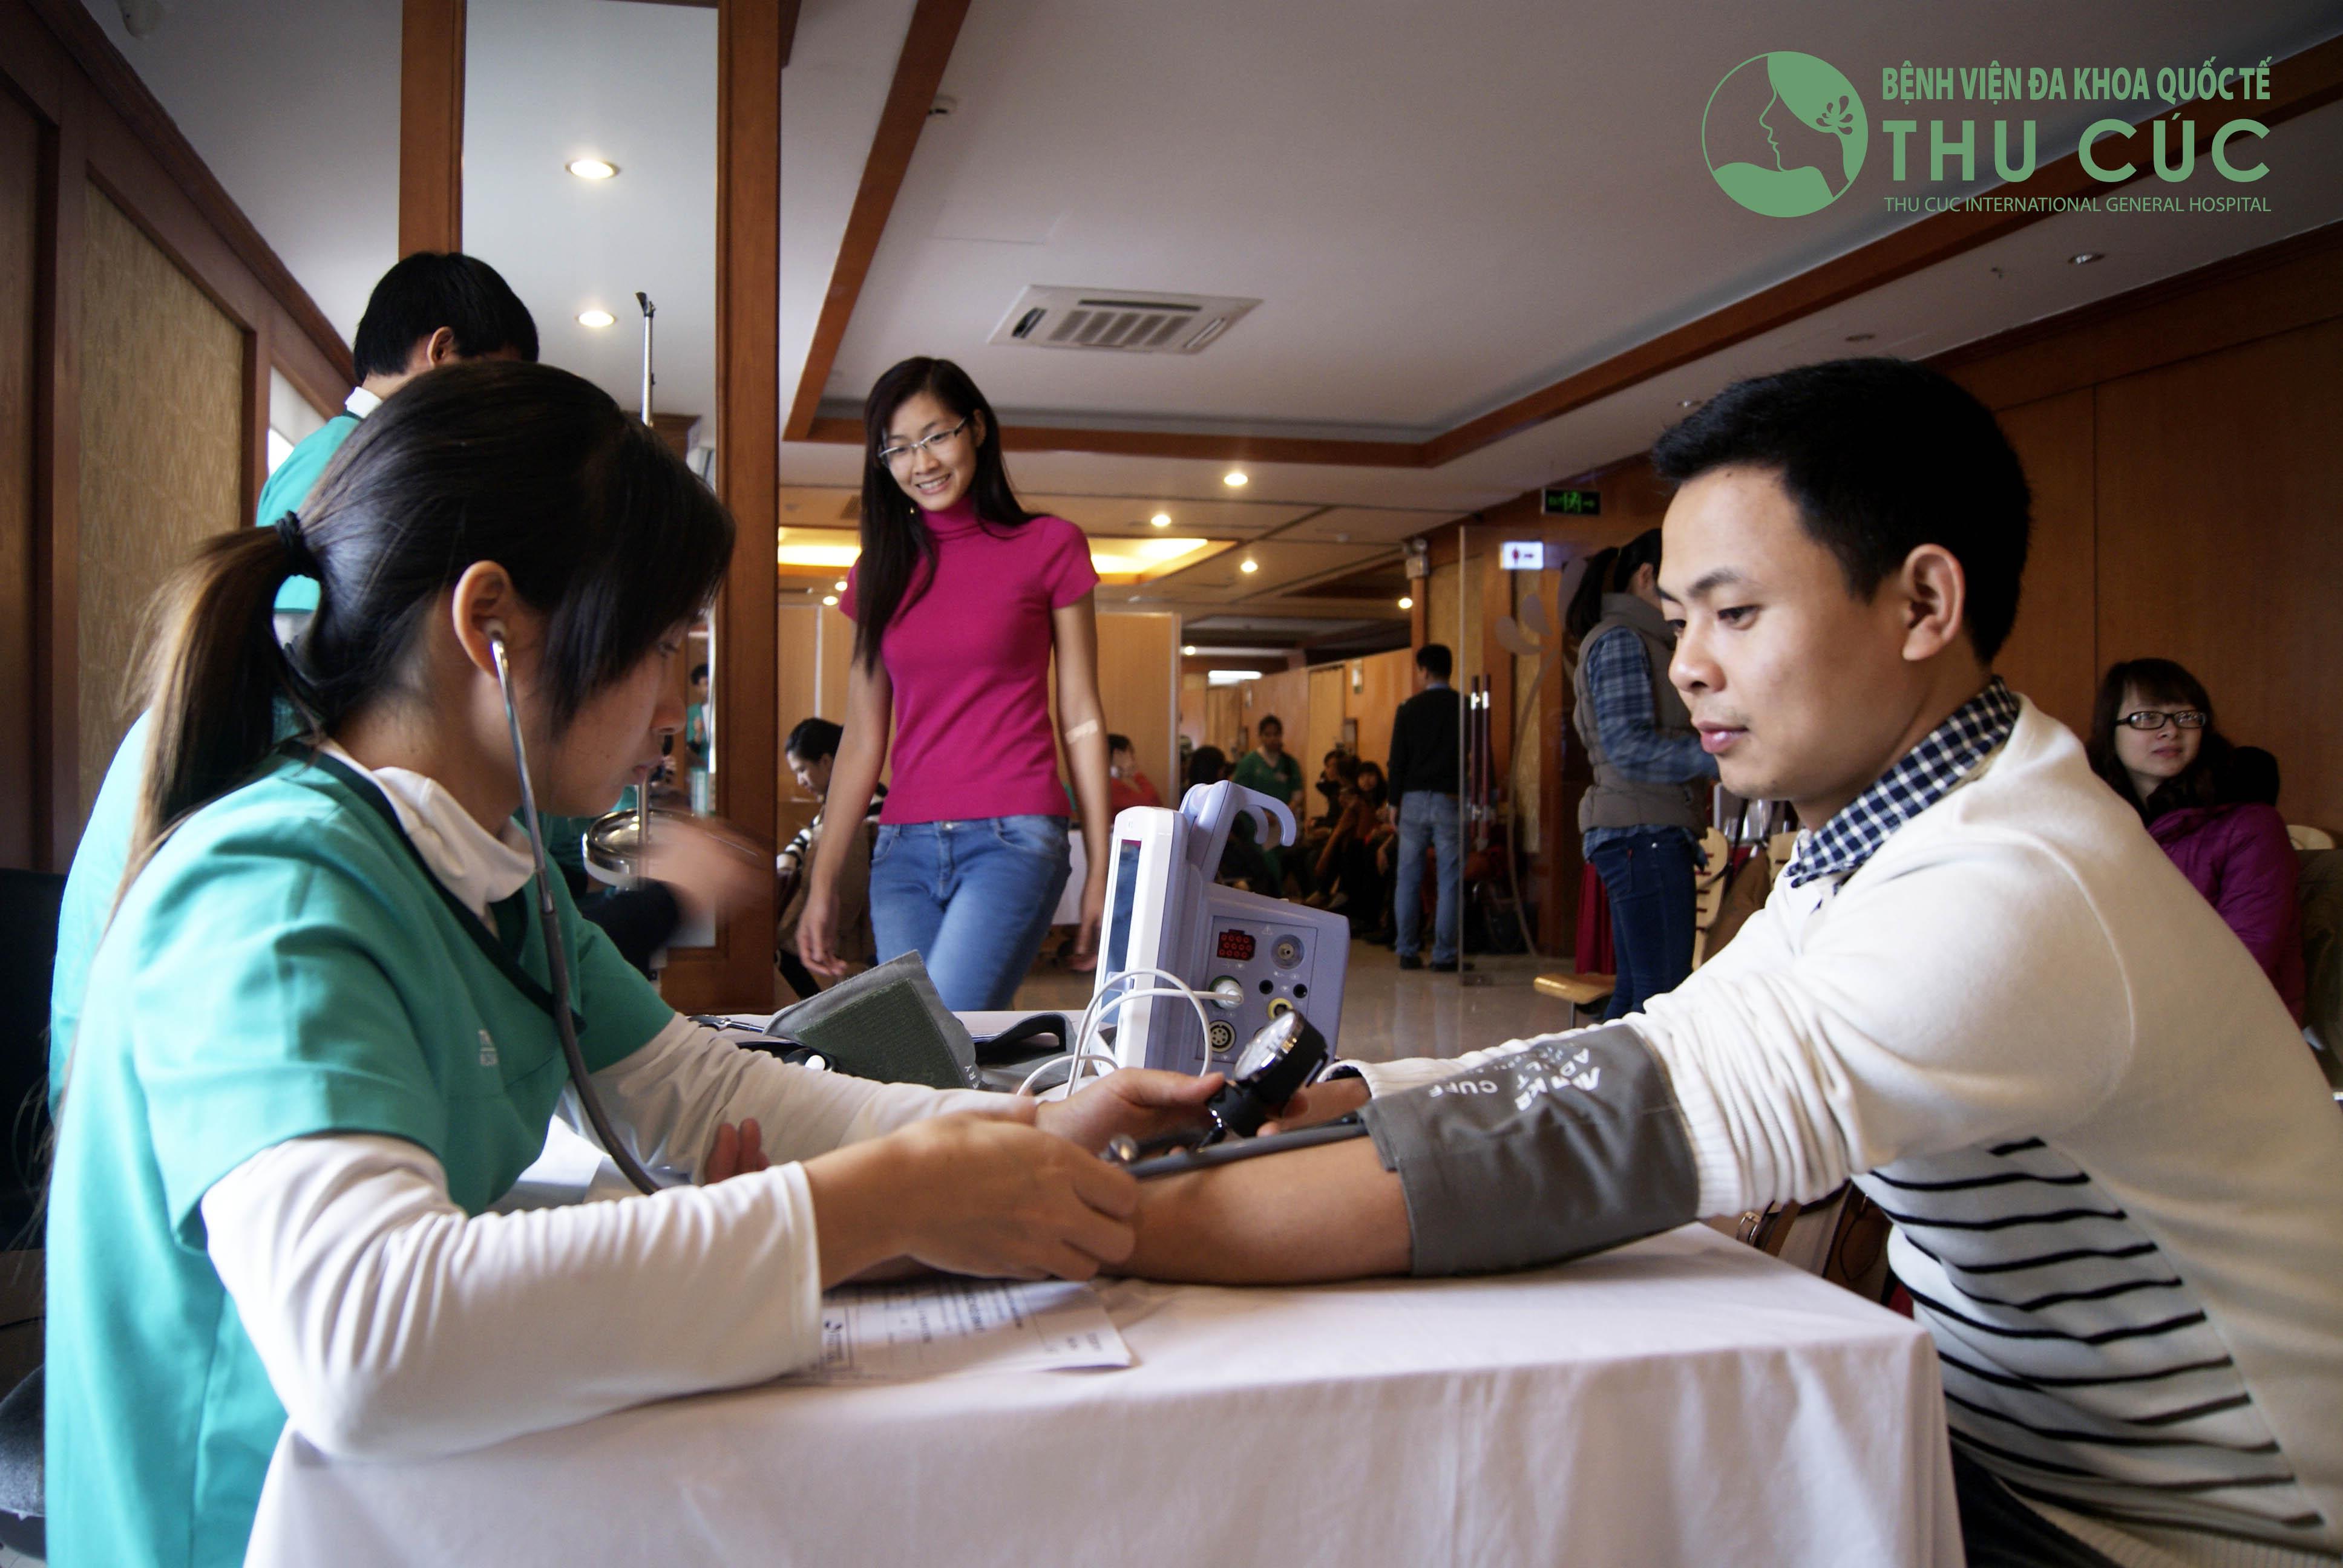 Khám sức khỏe cho công ty ở Hà Nội